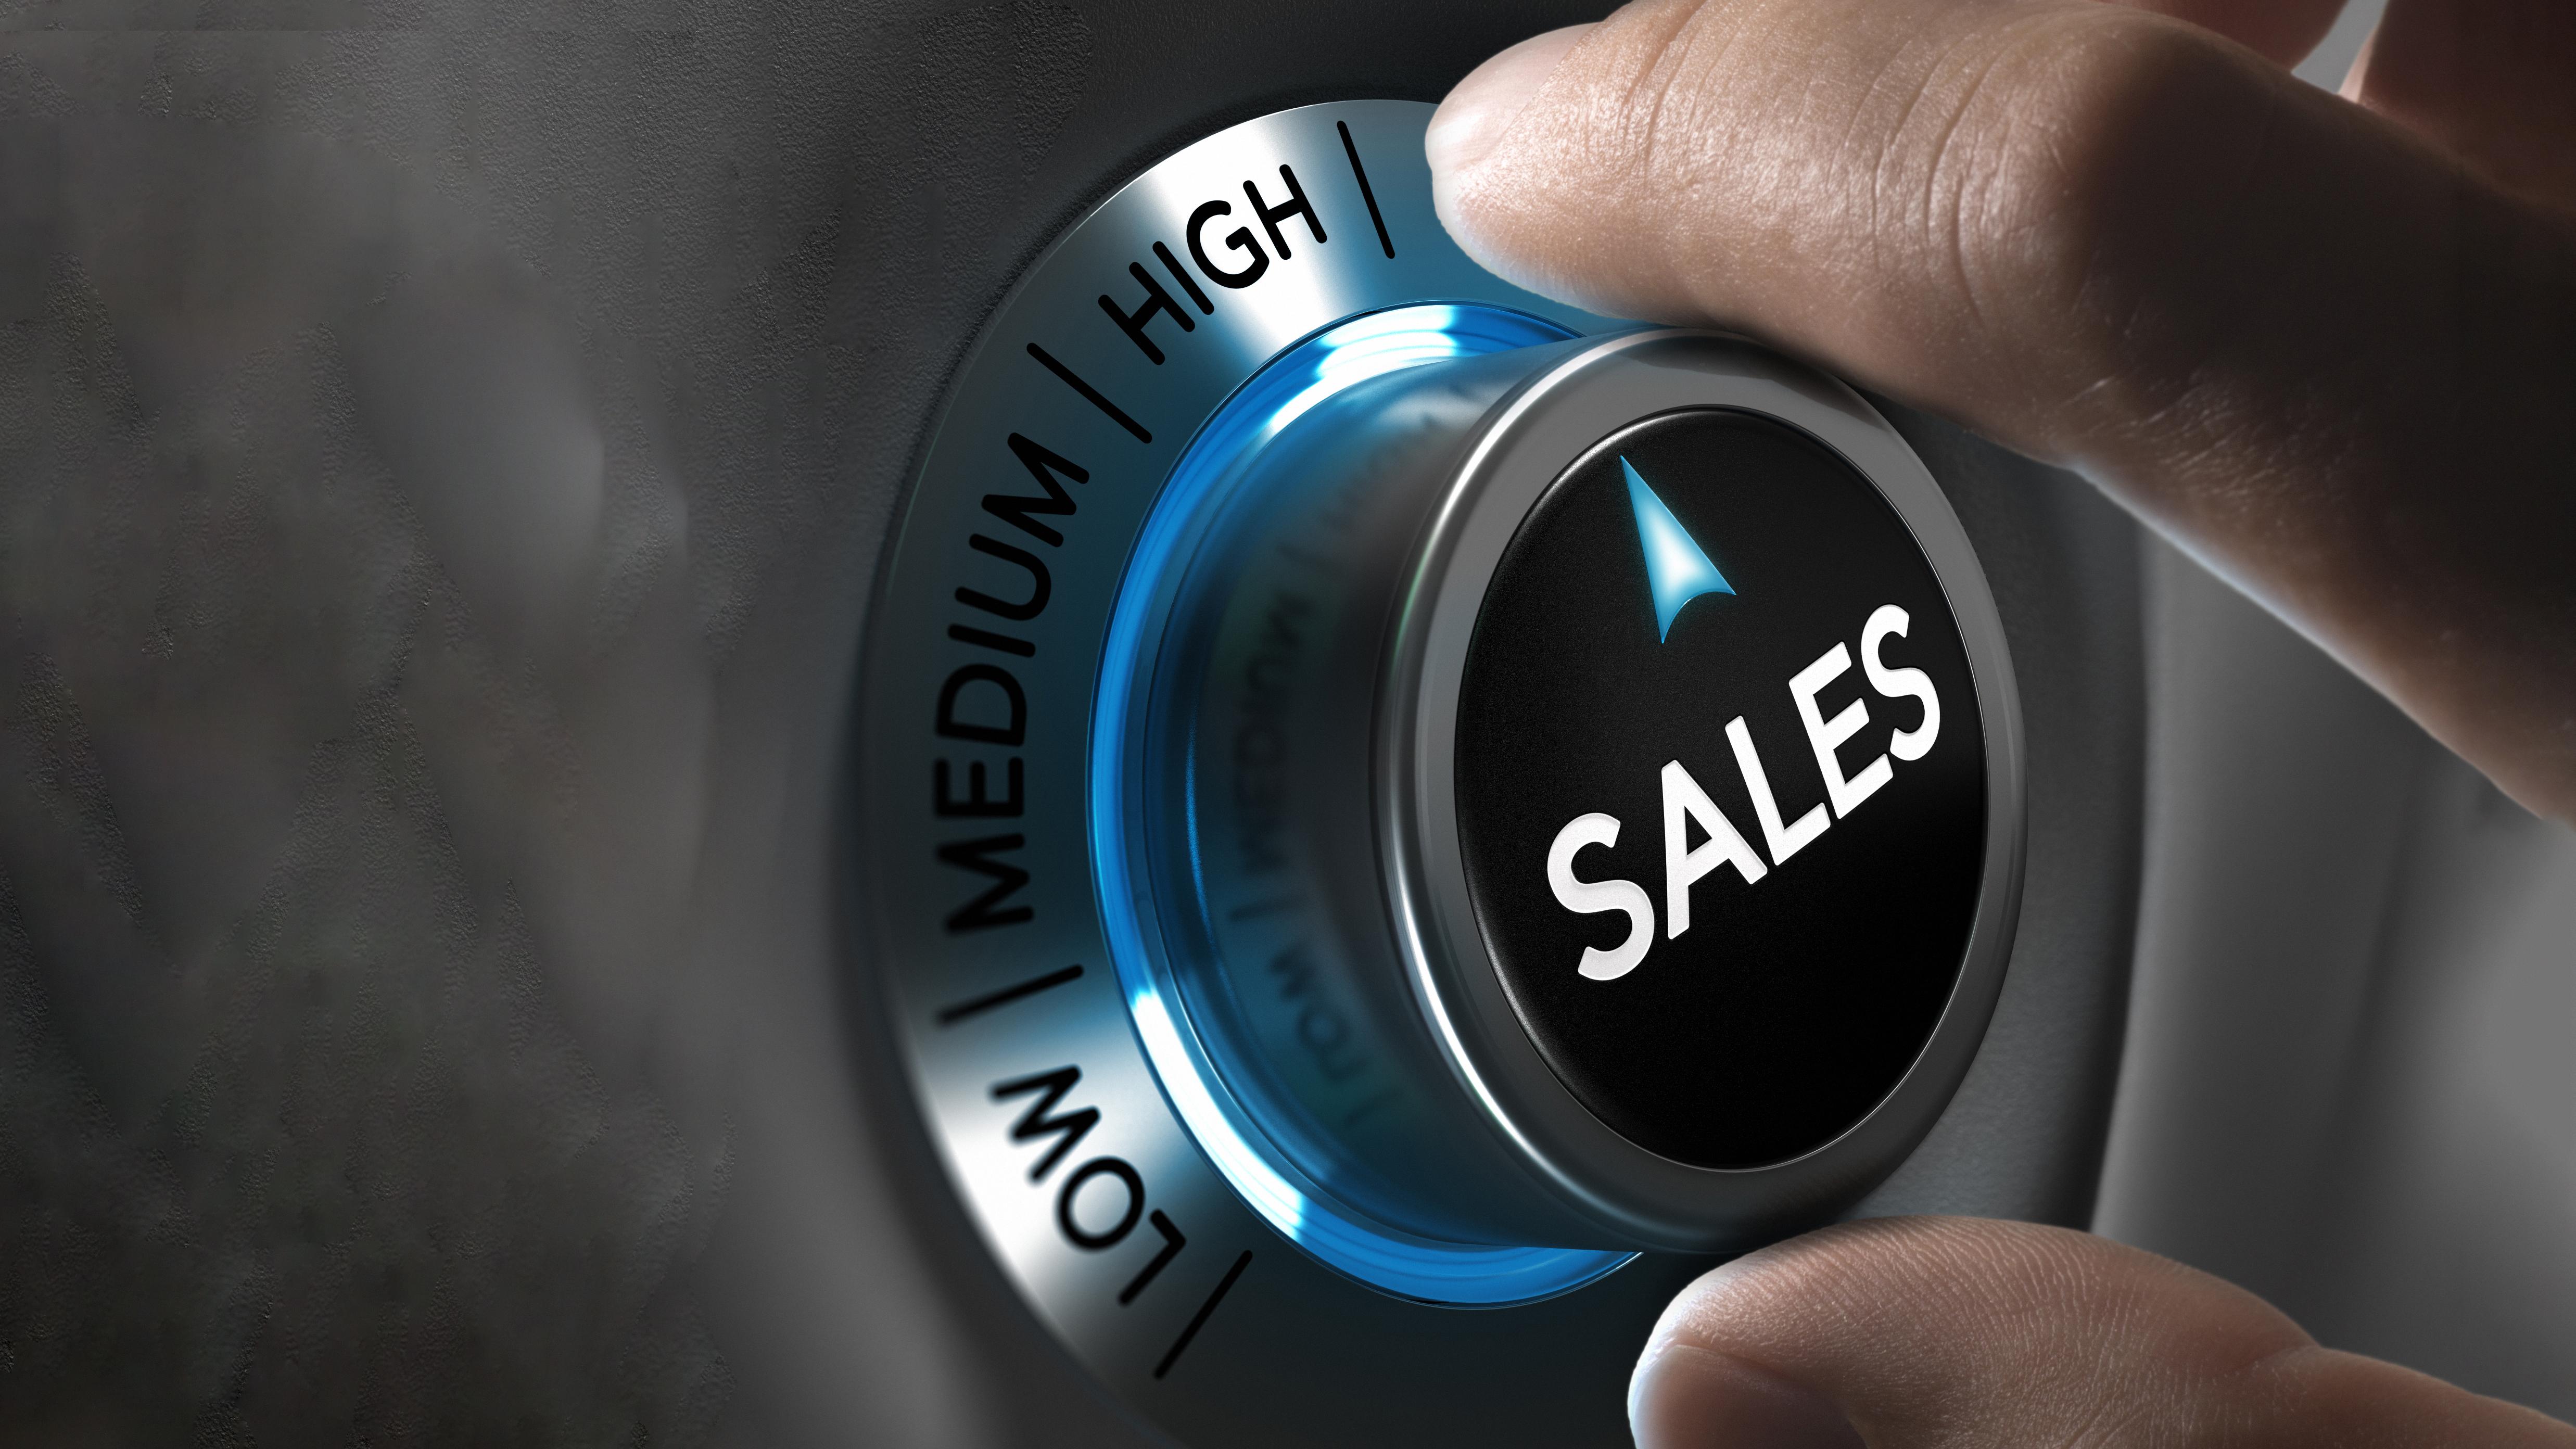 Come ottimizzare la forza vendita per raggiungere gli obiettivi prestabiliti